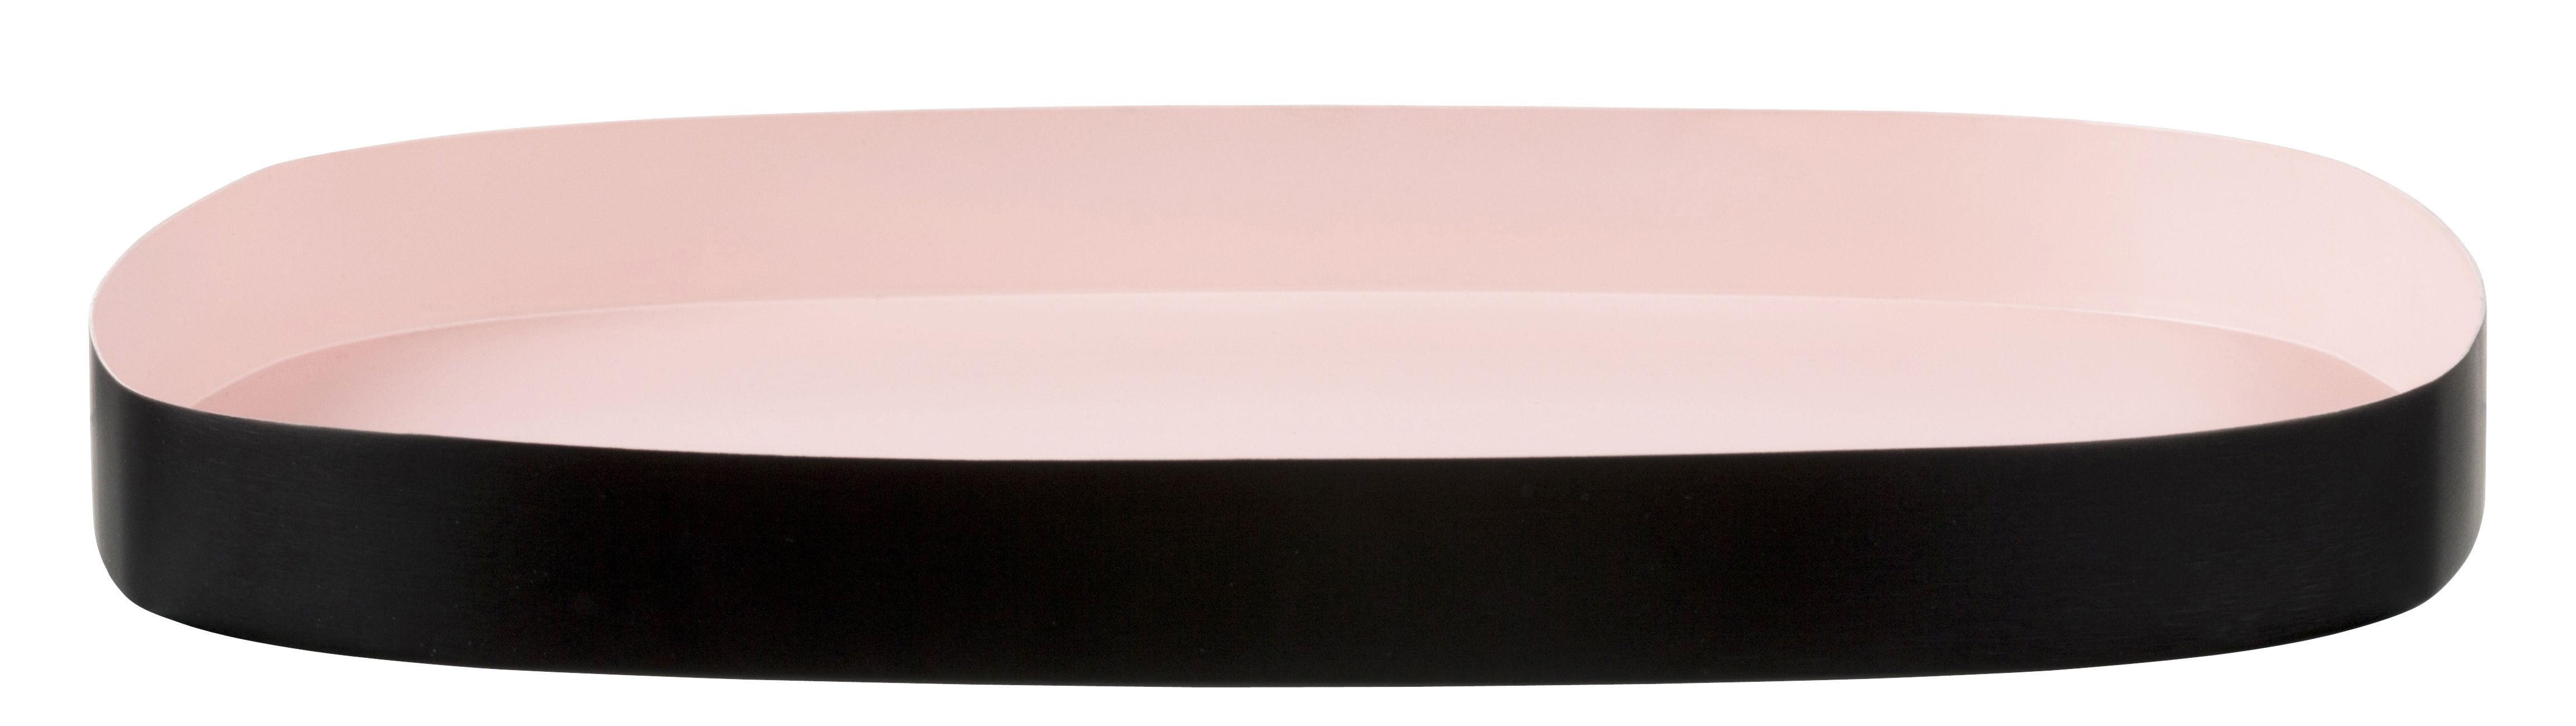 Arts de la table - Plateaux - Plateau Television Large / 33 x 29 cm - Design Letters - Rose / Noir - Acier peint